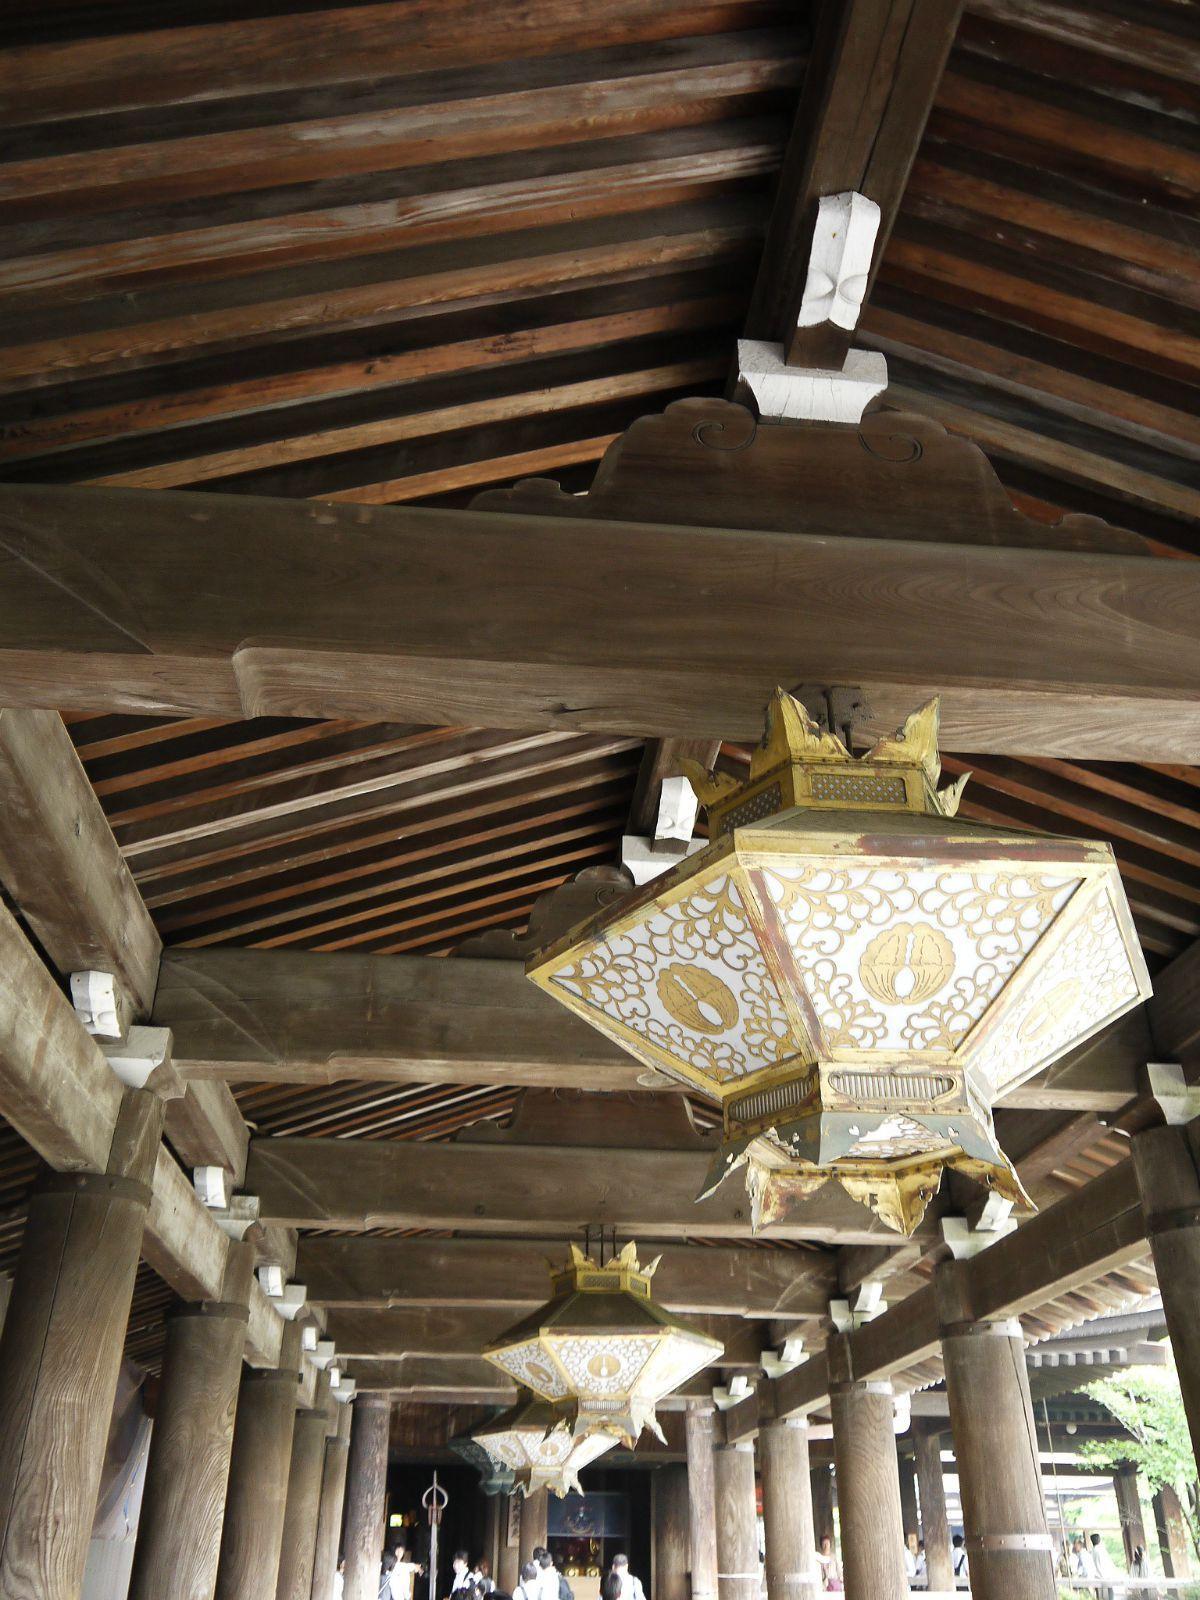 木结构的主殿陪着传统样式的灯笼